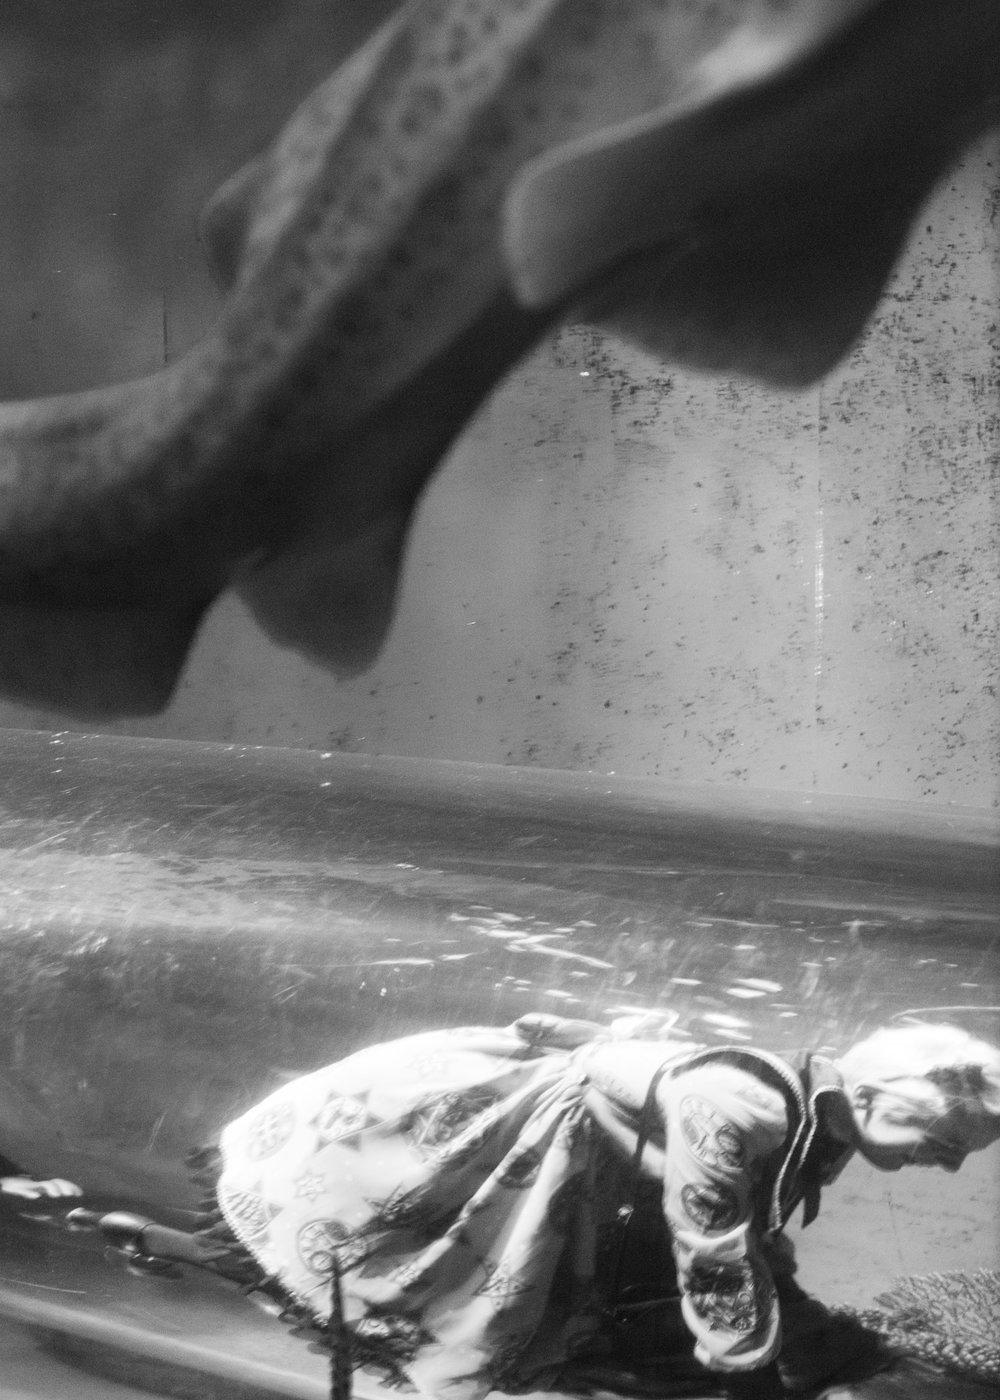 aquarium_lolitas-24.jpg